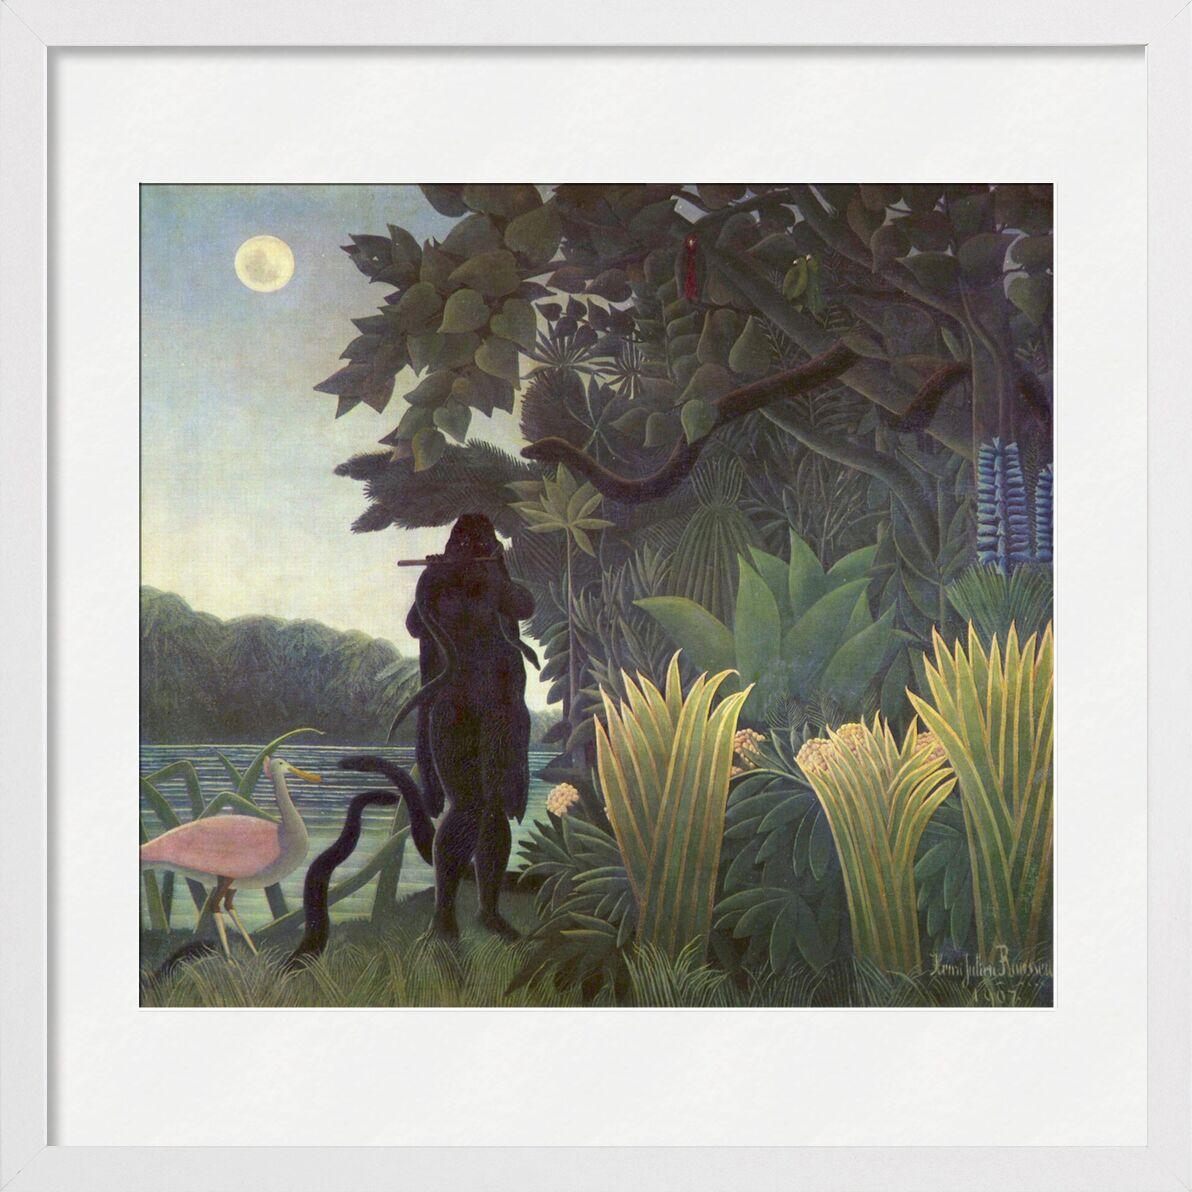 La Charmeuse de serpents de AUX BEAUX-ARTS, Prodi Art, charmeur de serpent, charmeur, serpents, jungle, forêt, lune, Rousseau, nature